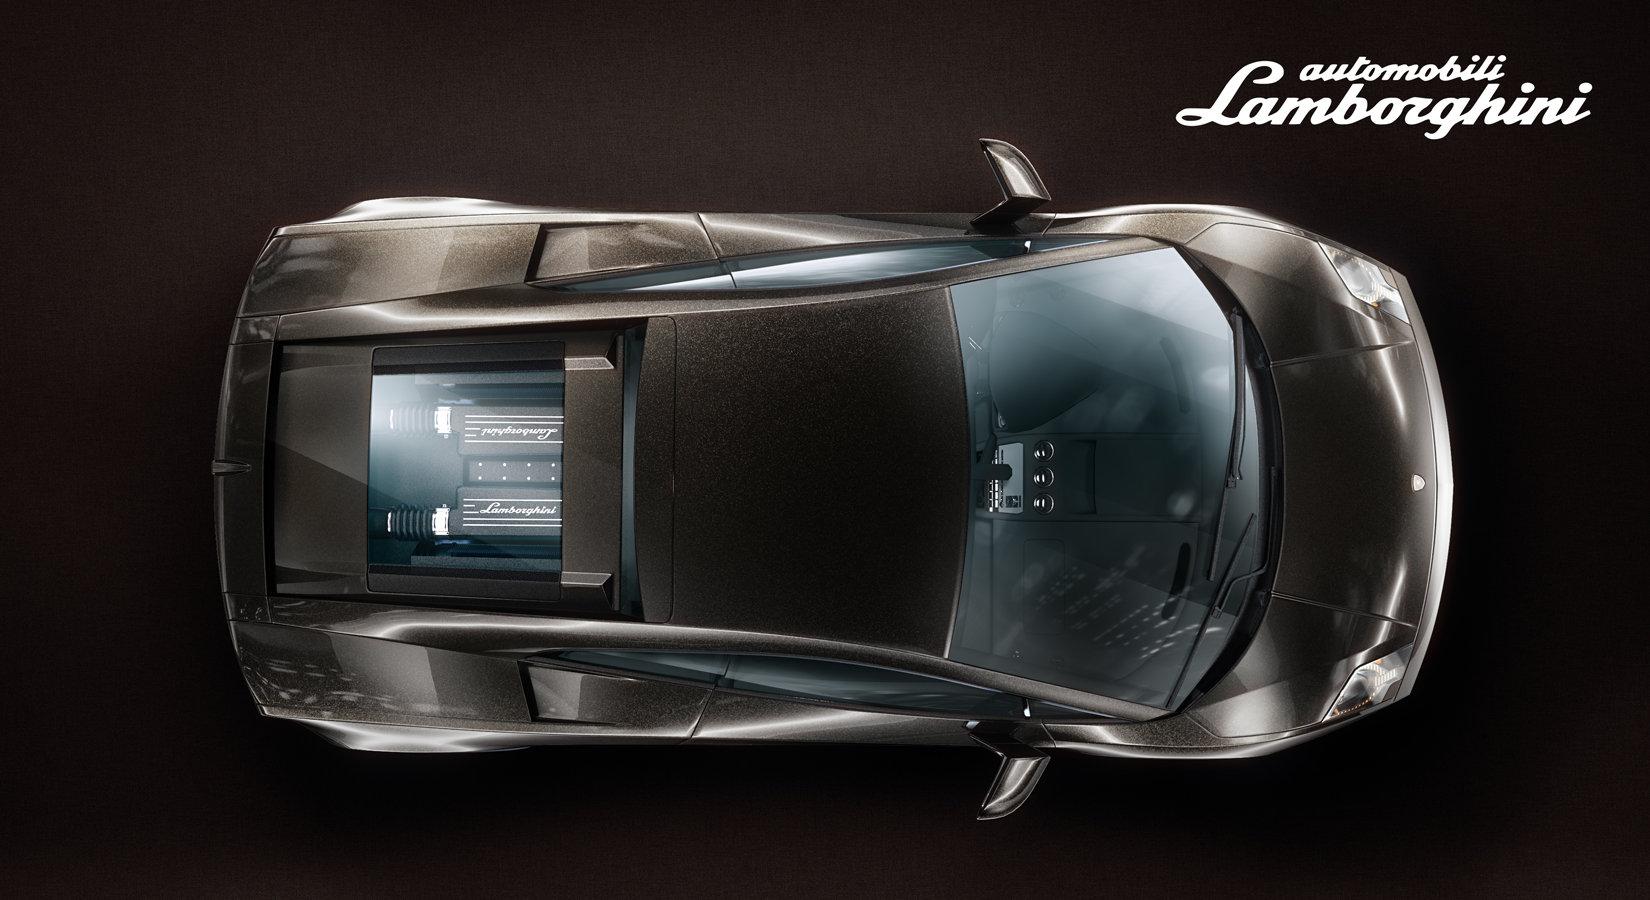 Lamborghini_Shot03.jpg